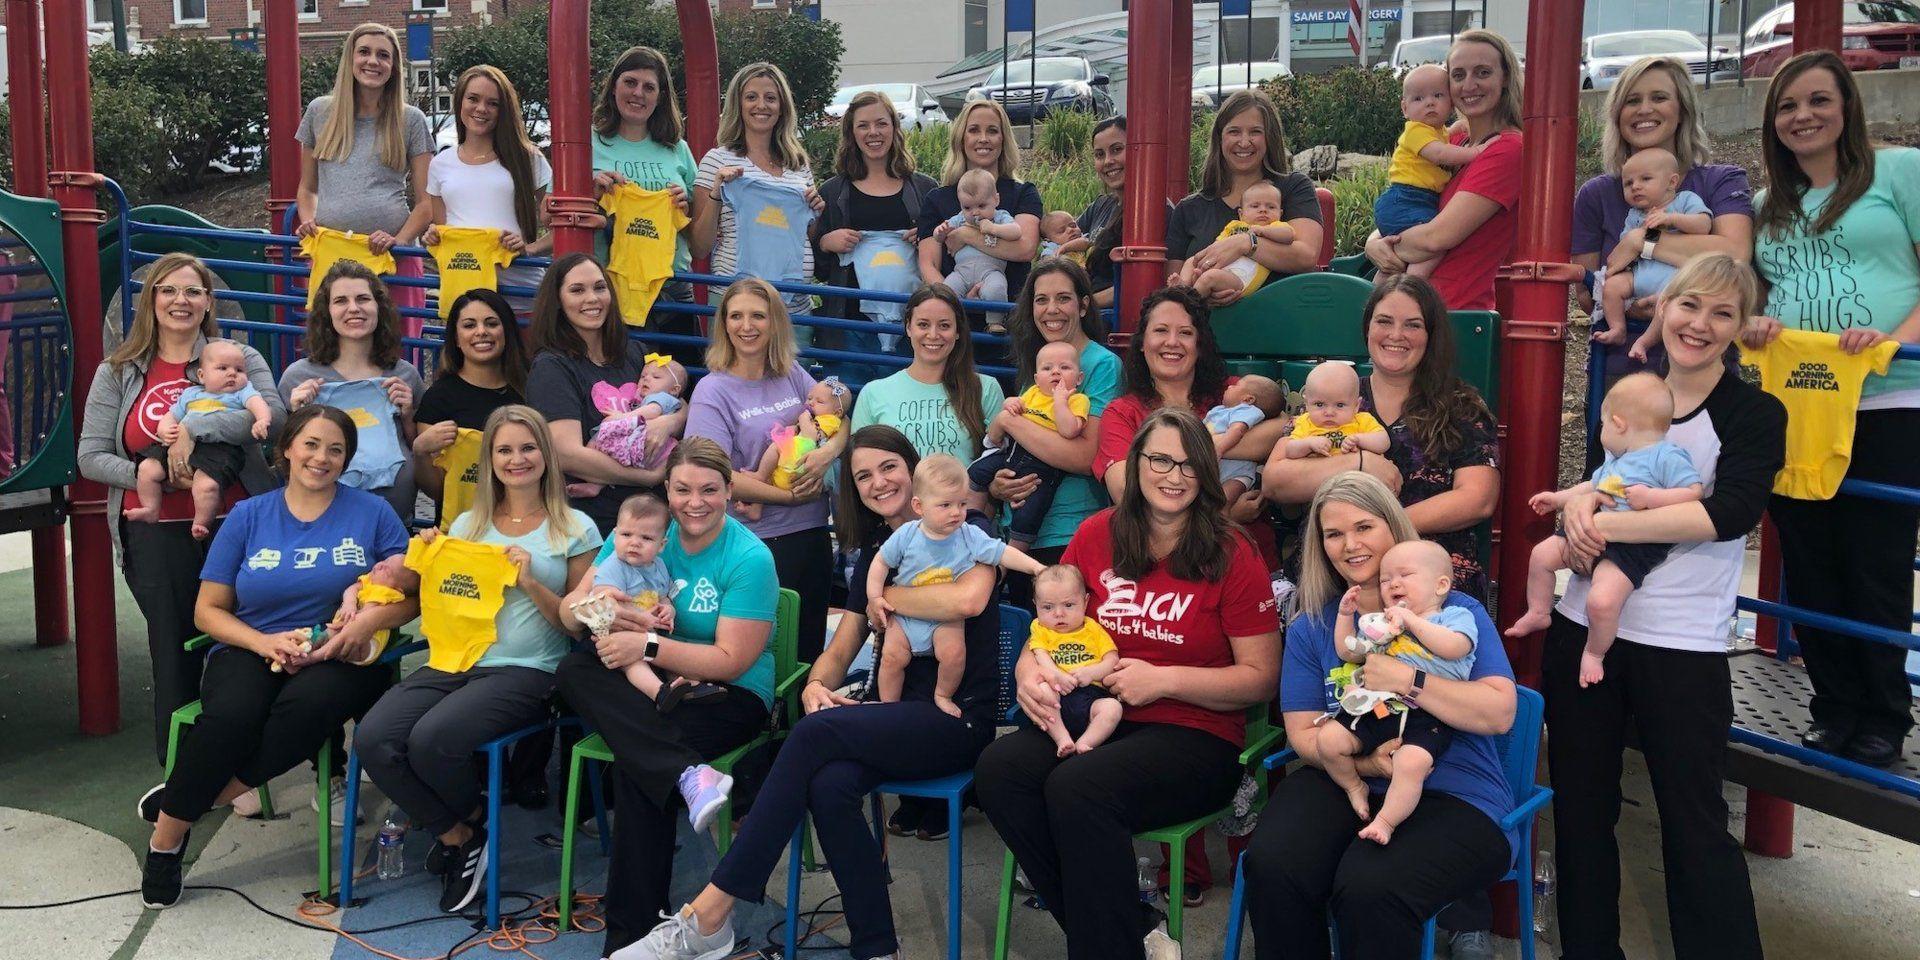 Ghé thăm bệnh viện có 36 y tá cùng mang thai và sinh con trong 1 năm - 1